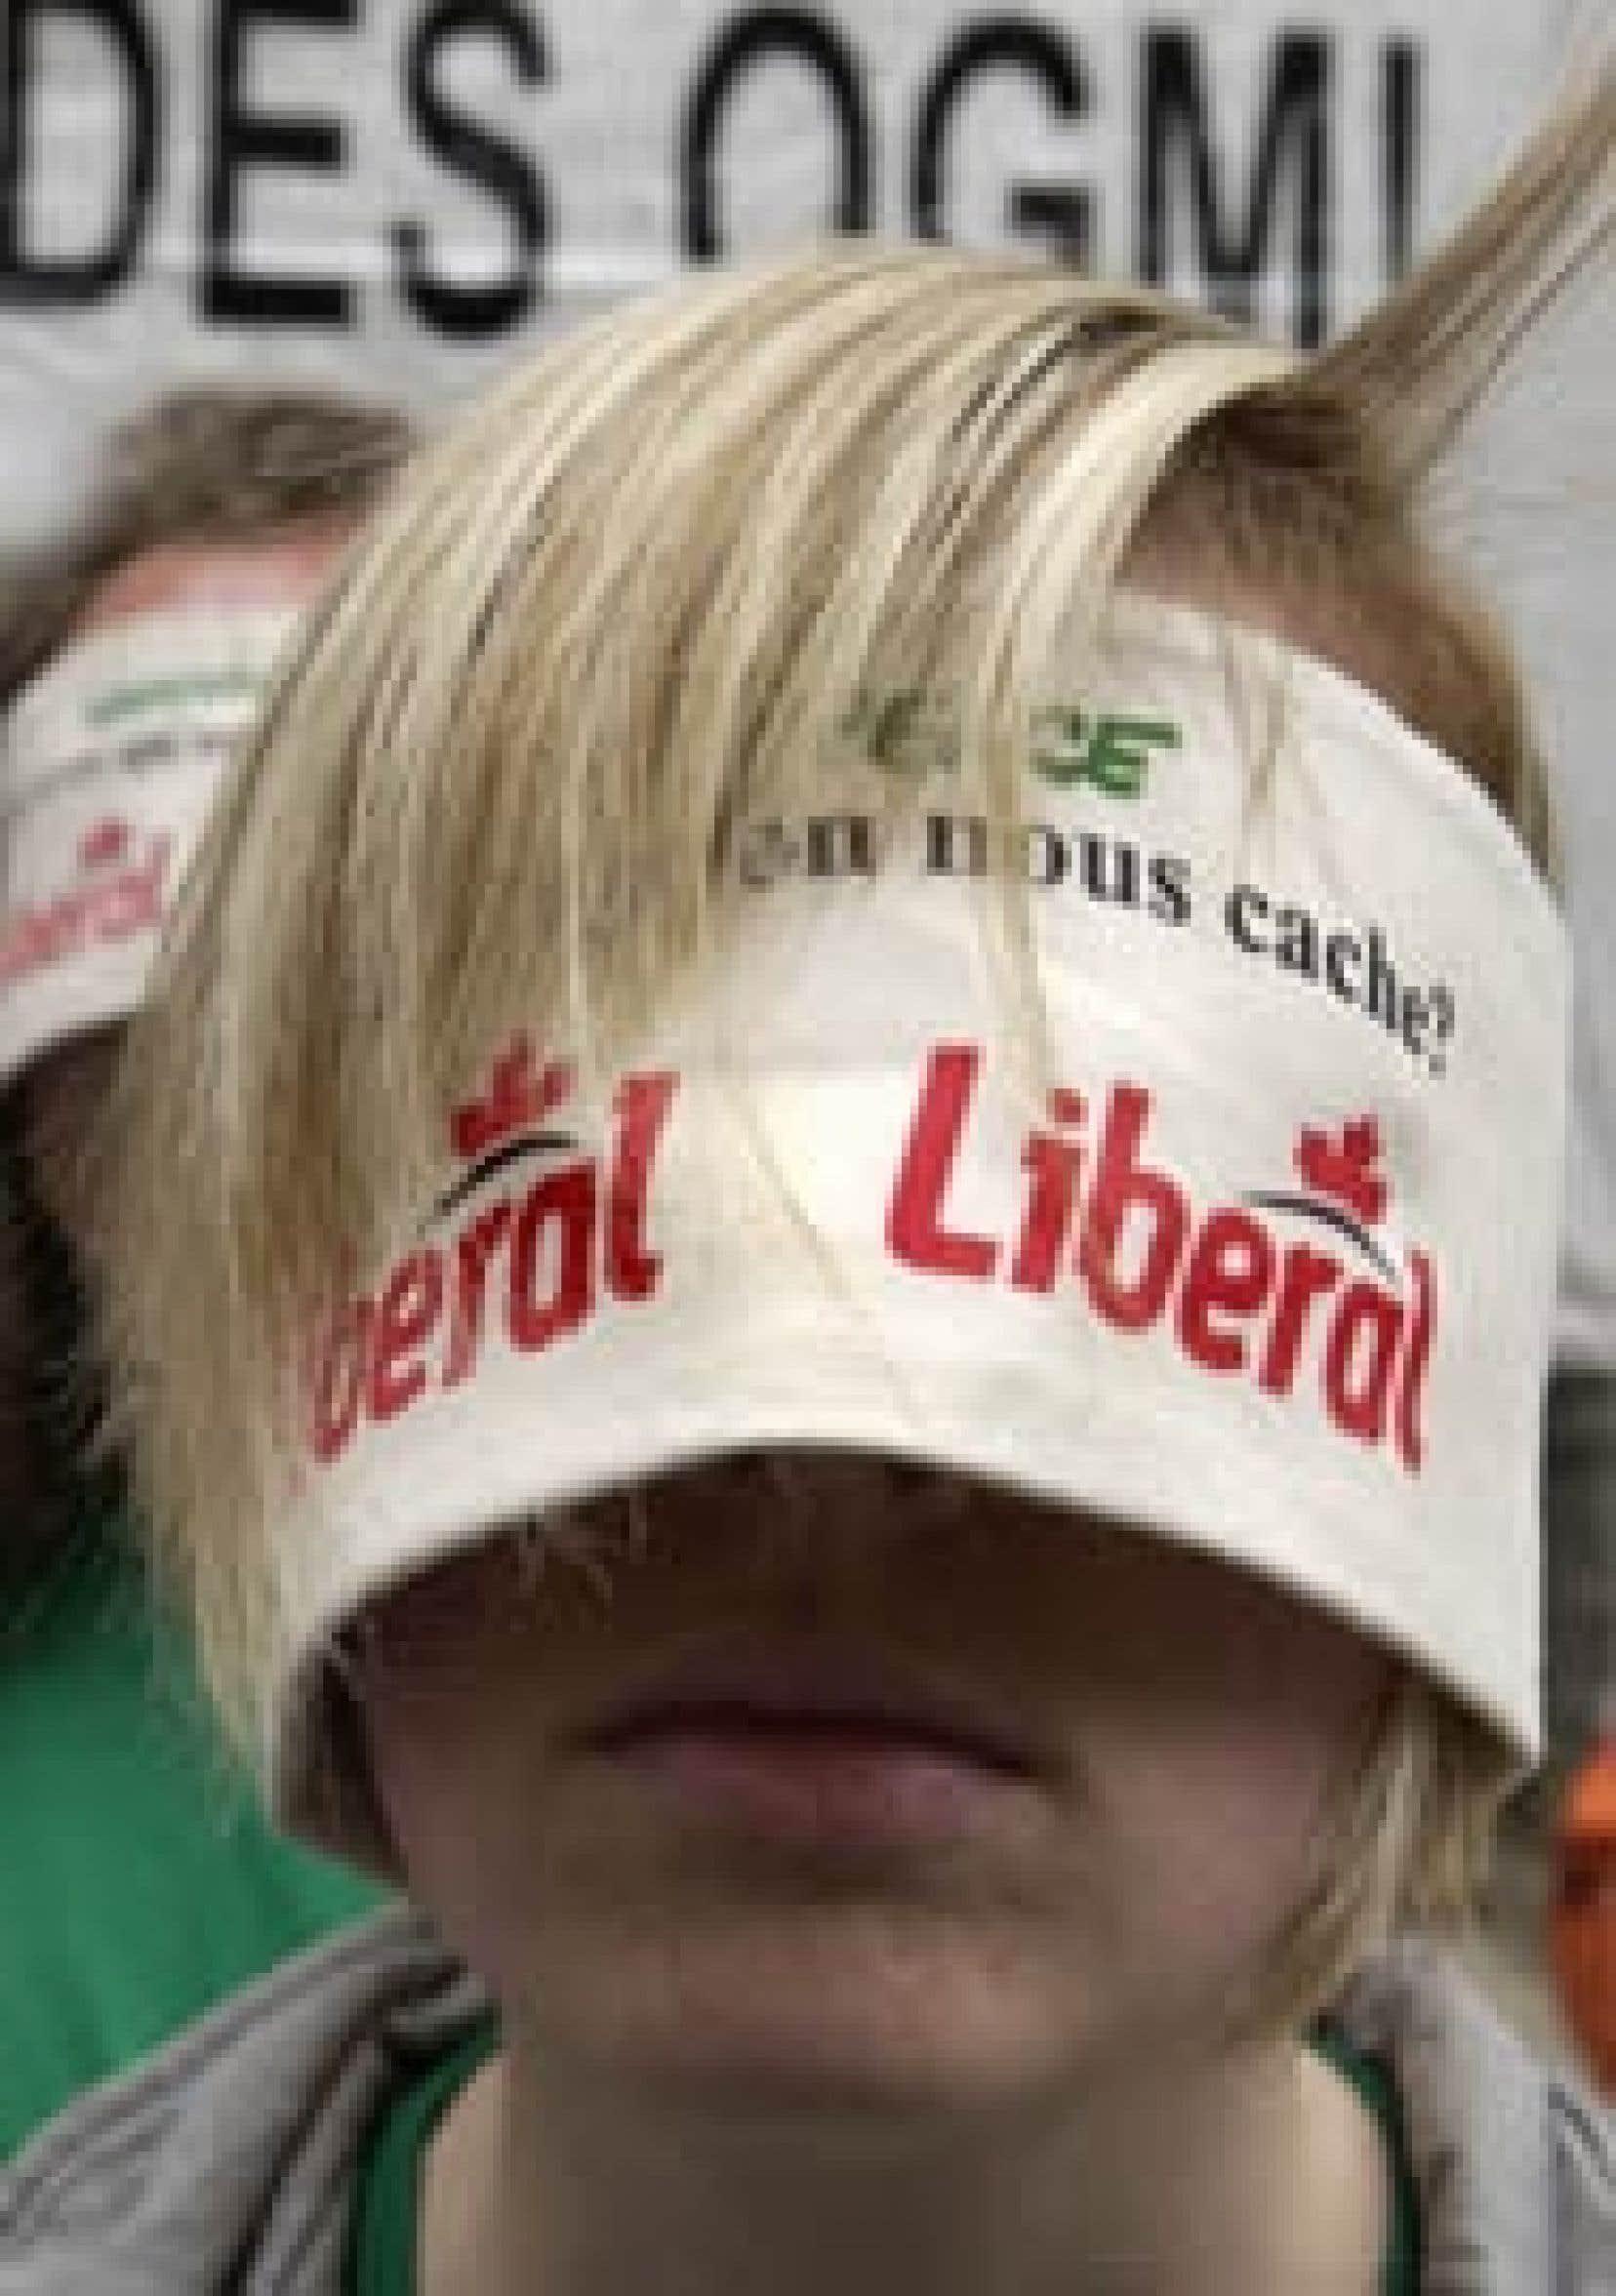 Les militants de Greenpeace manifestent périodiquement en faveur de l'étiquetage obligatoire des produits contenant des OGM.